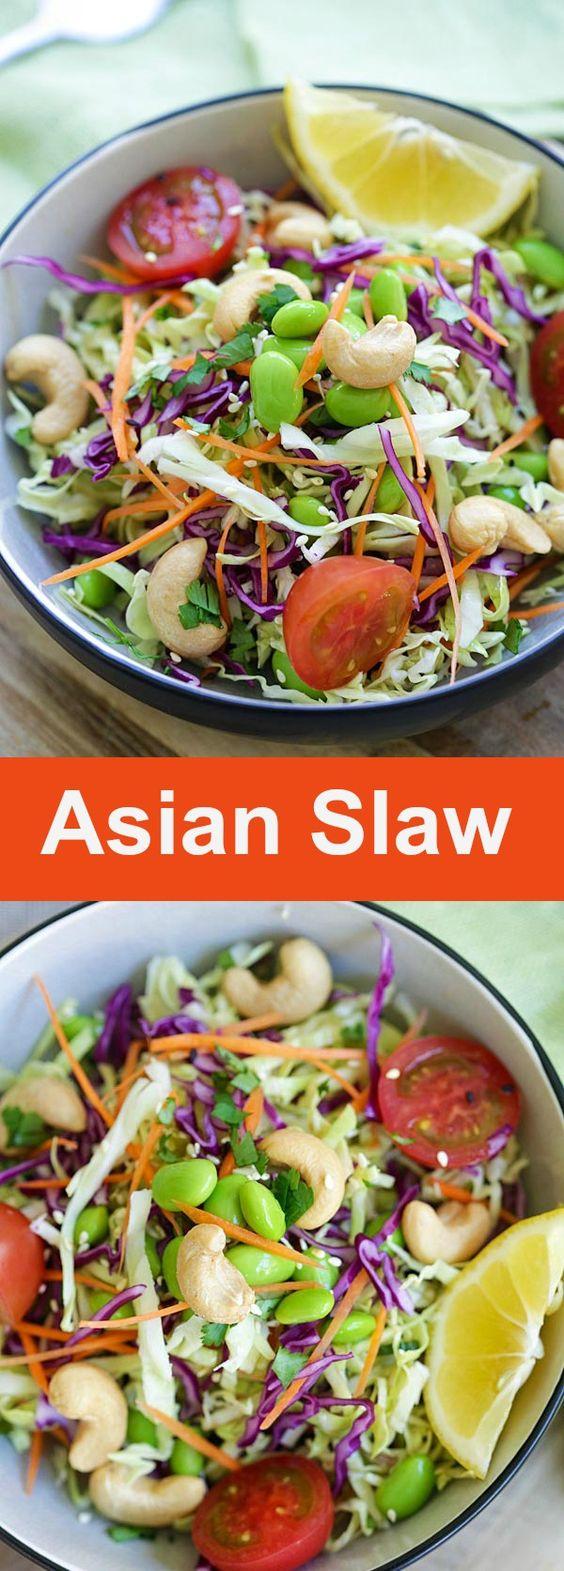 Asian slaw, Asian slaw recipes and Slaw recipes on Pinterest